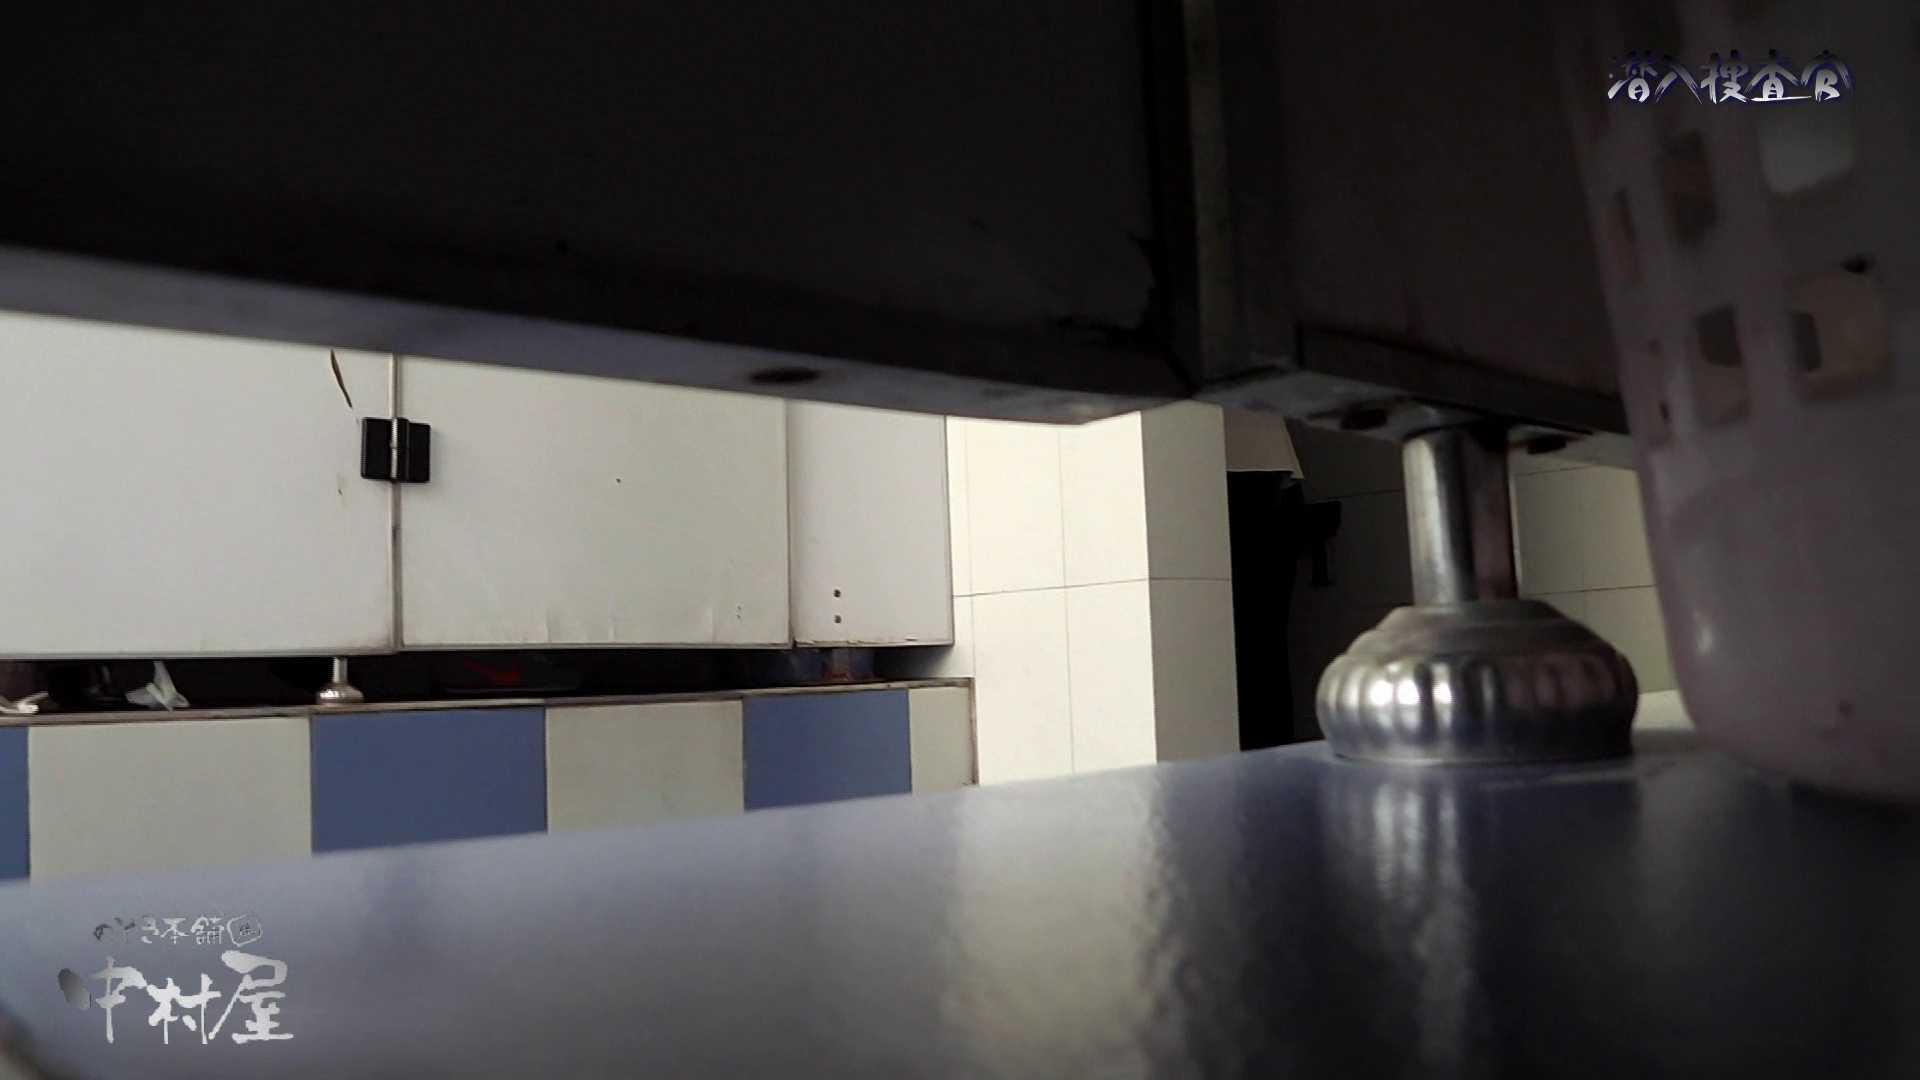 アダルトエロ動画 なんだこれ!29 わざと扉を破壊いい風景を撮れました。後編 のぞき本舗 中村屋